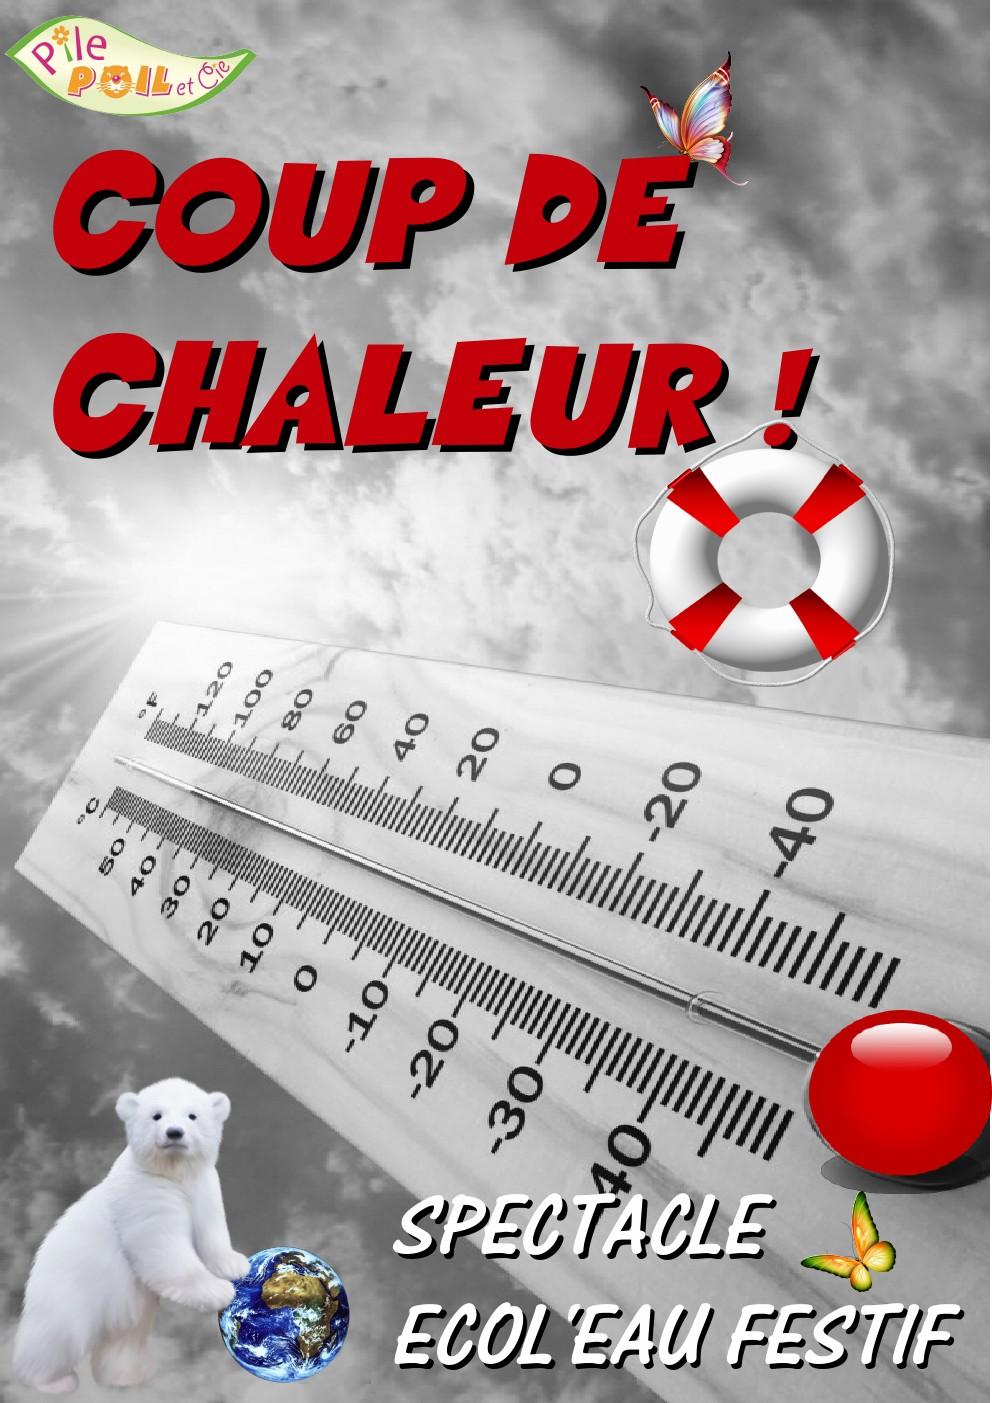 AFFICHE COUP DE CHALEUR OK